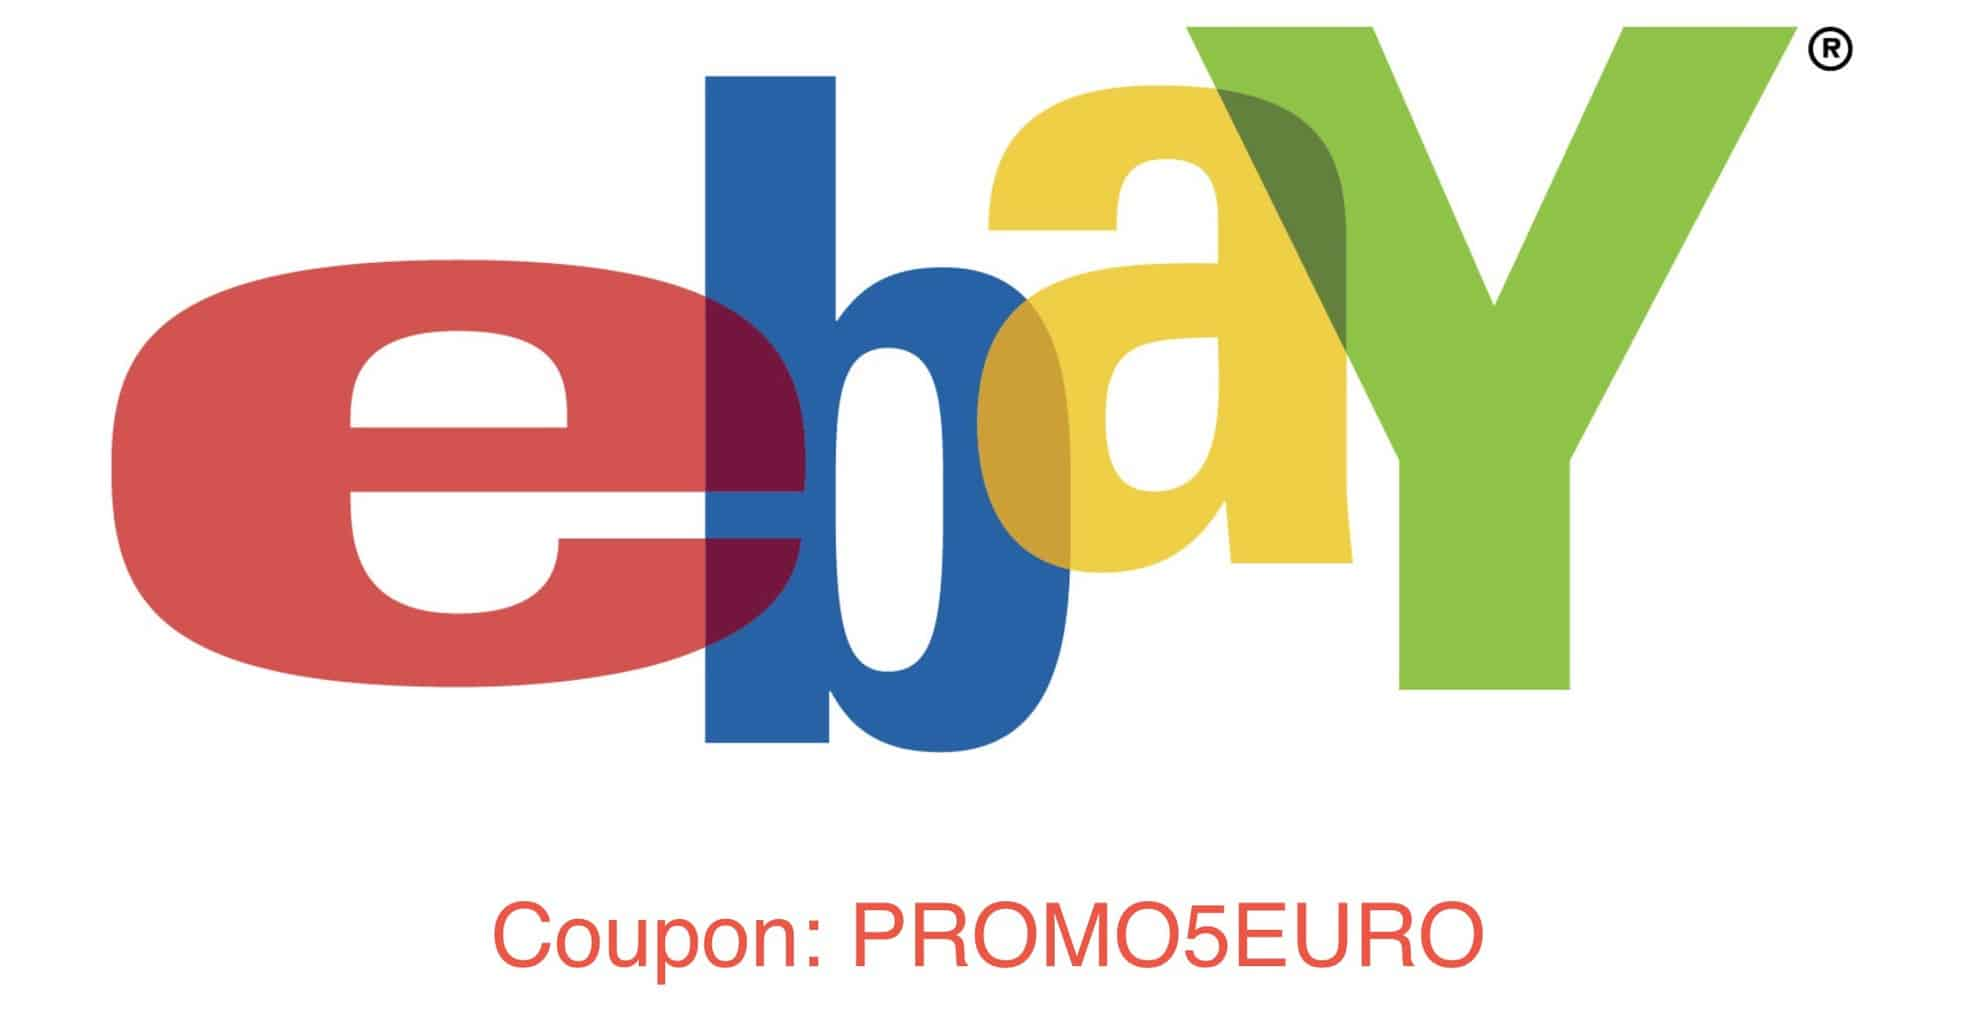 eBay coupon 5 euro black friday